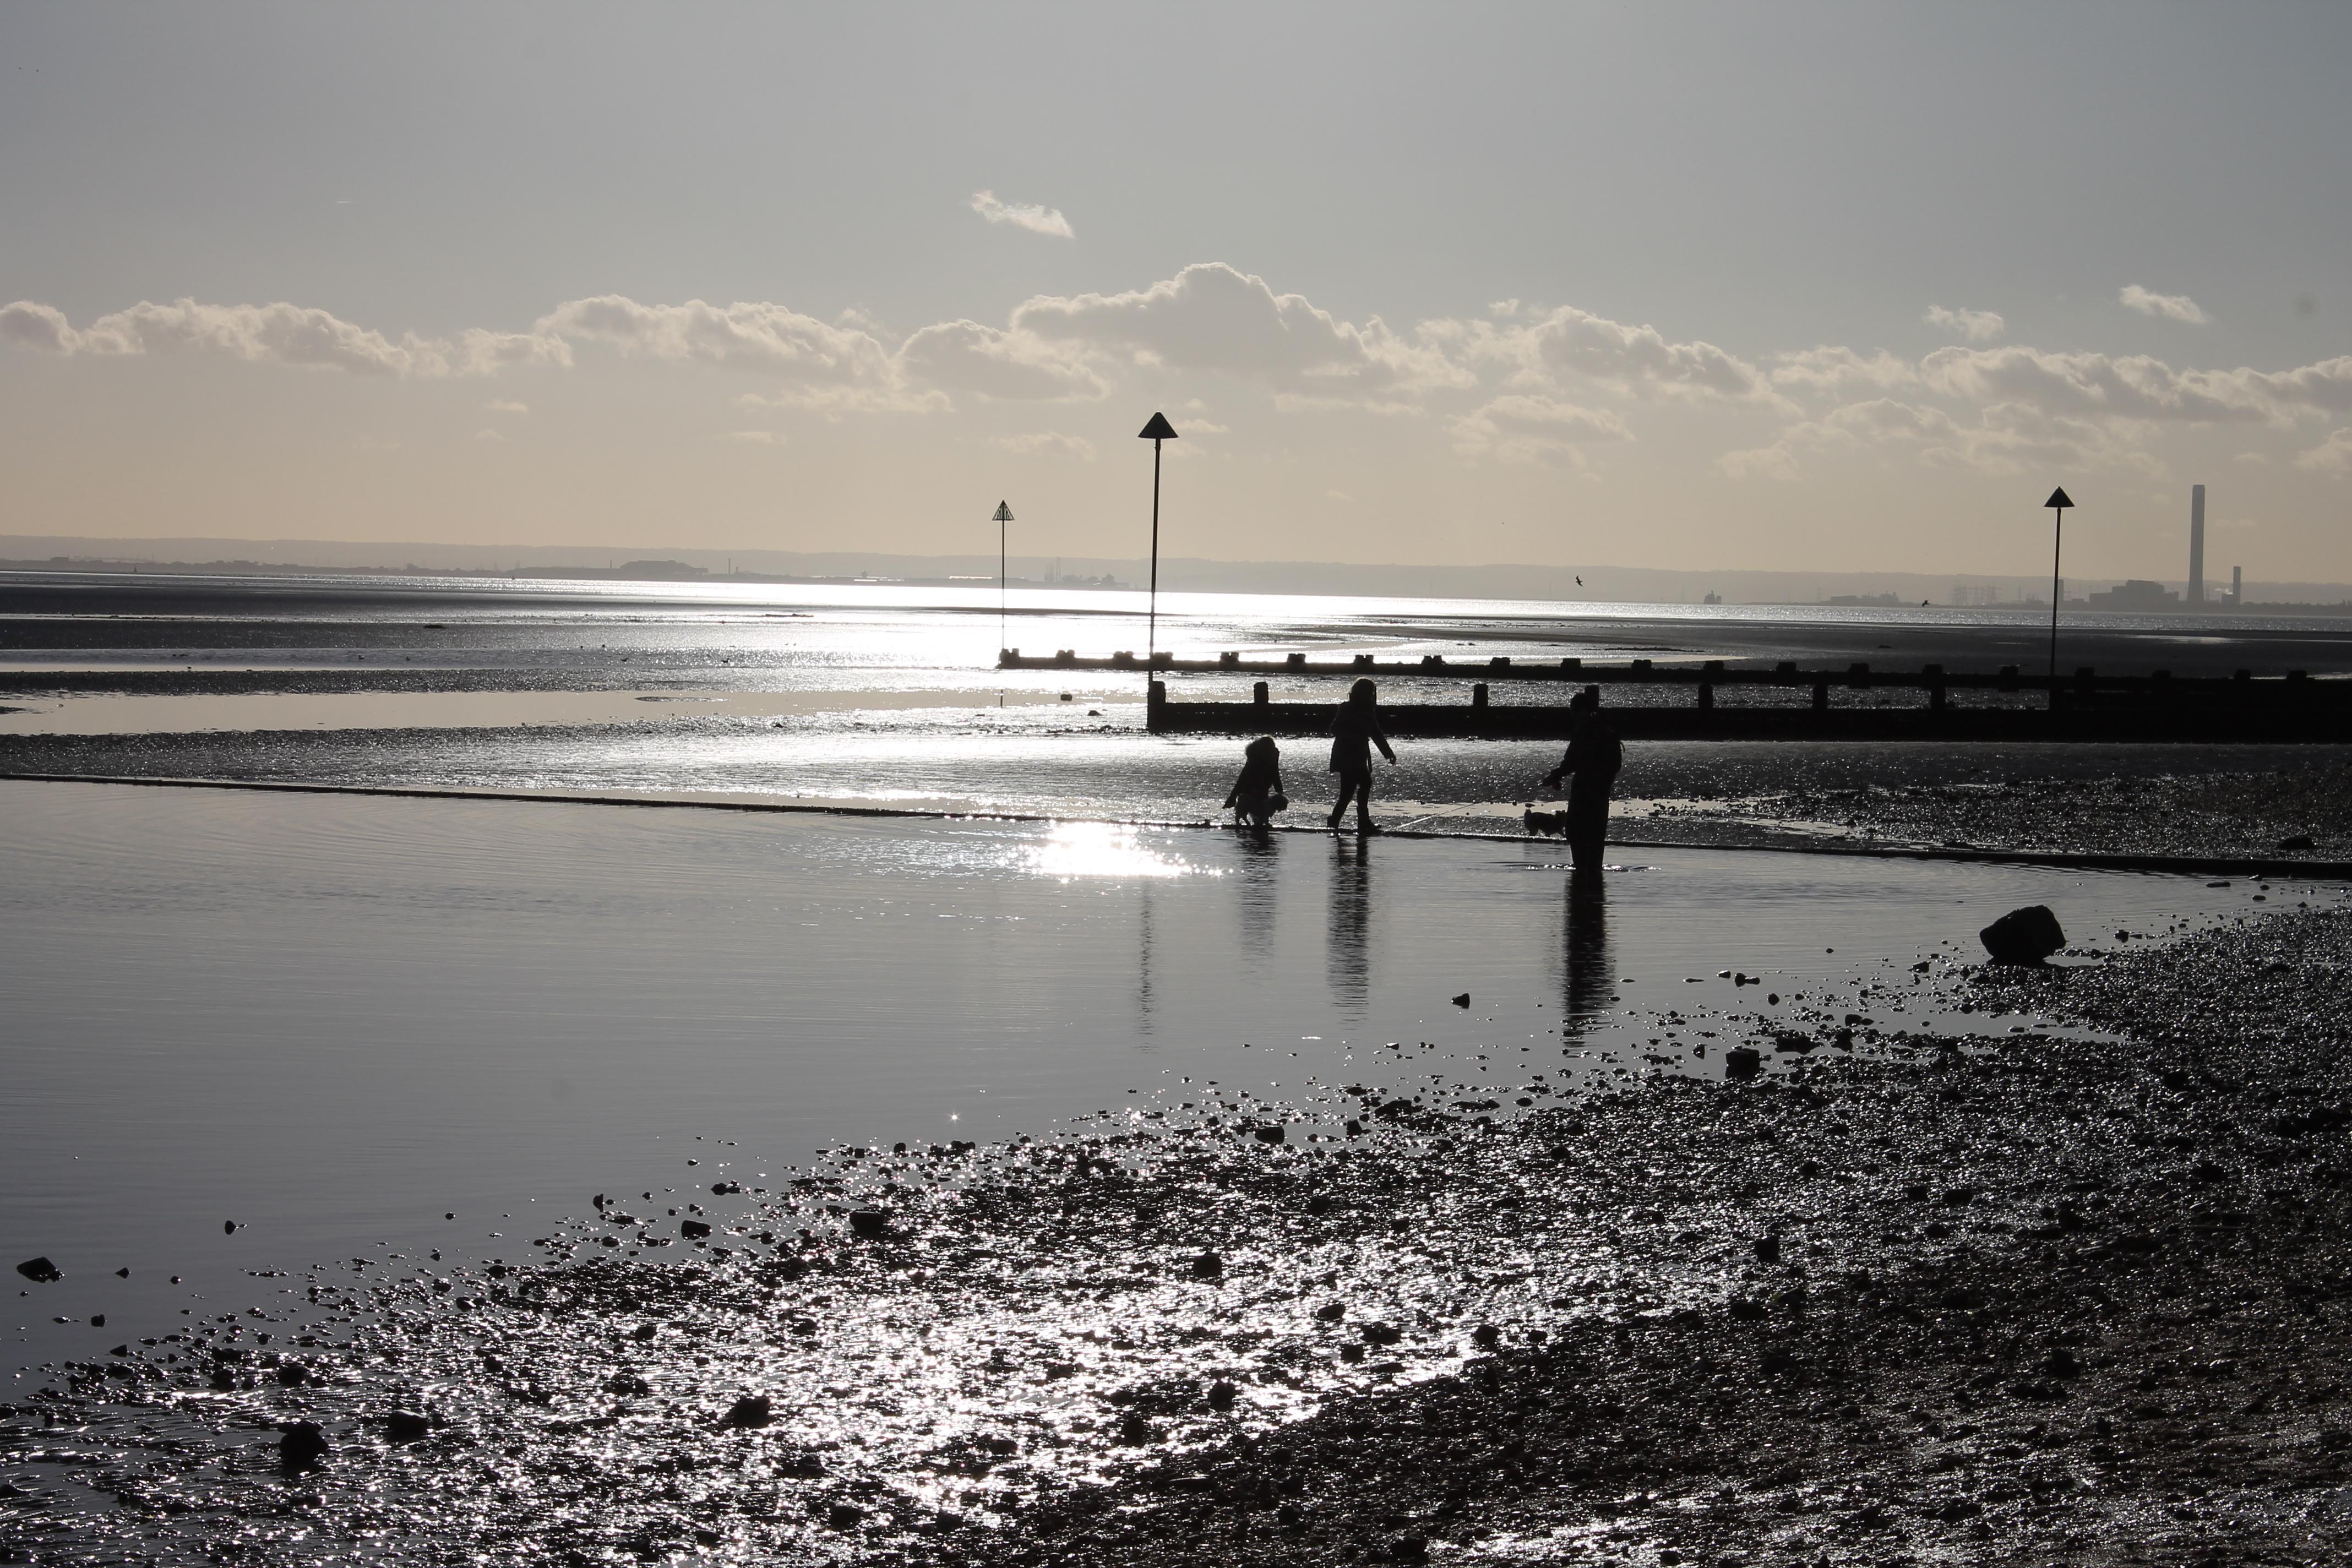 winter sun on the beach